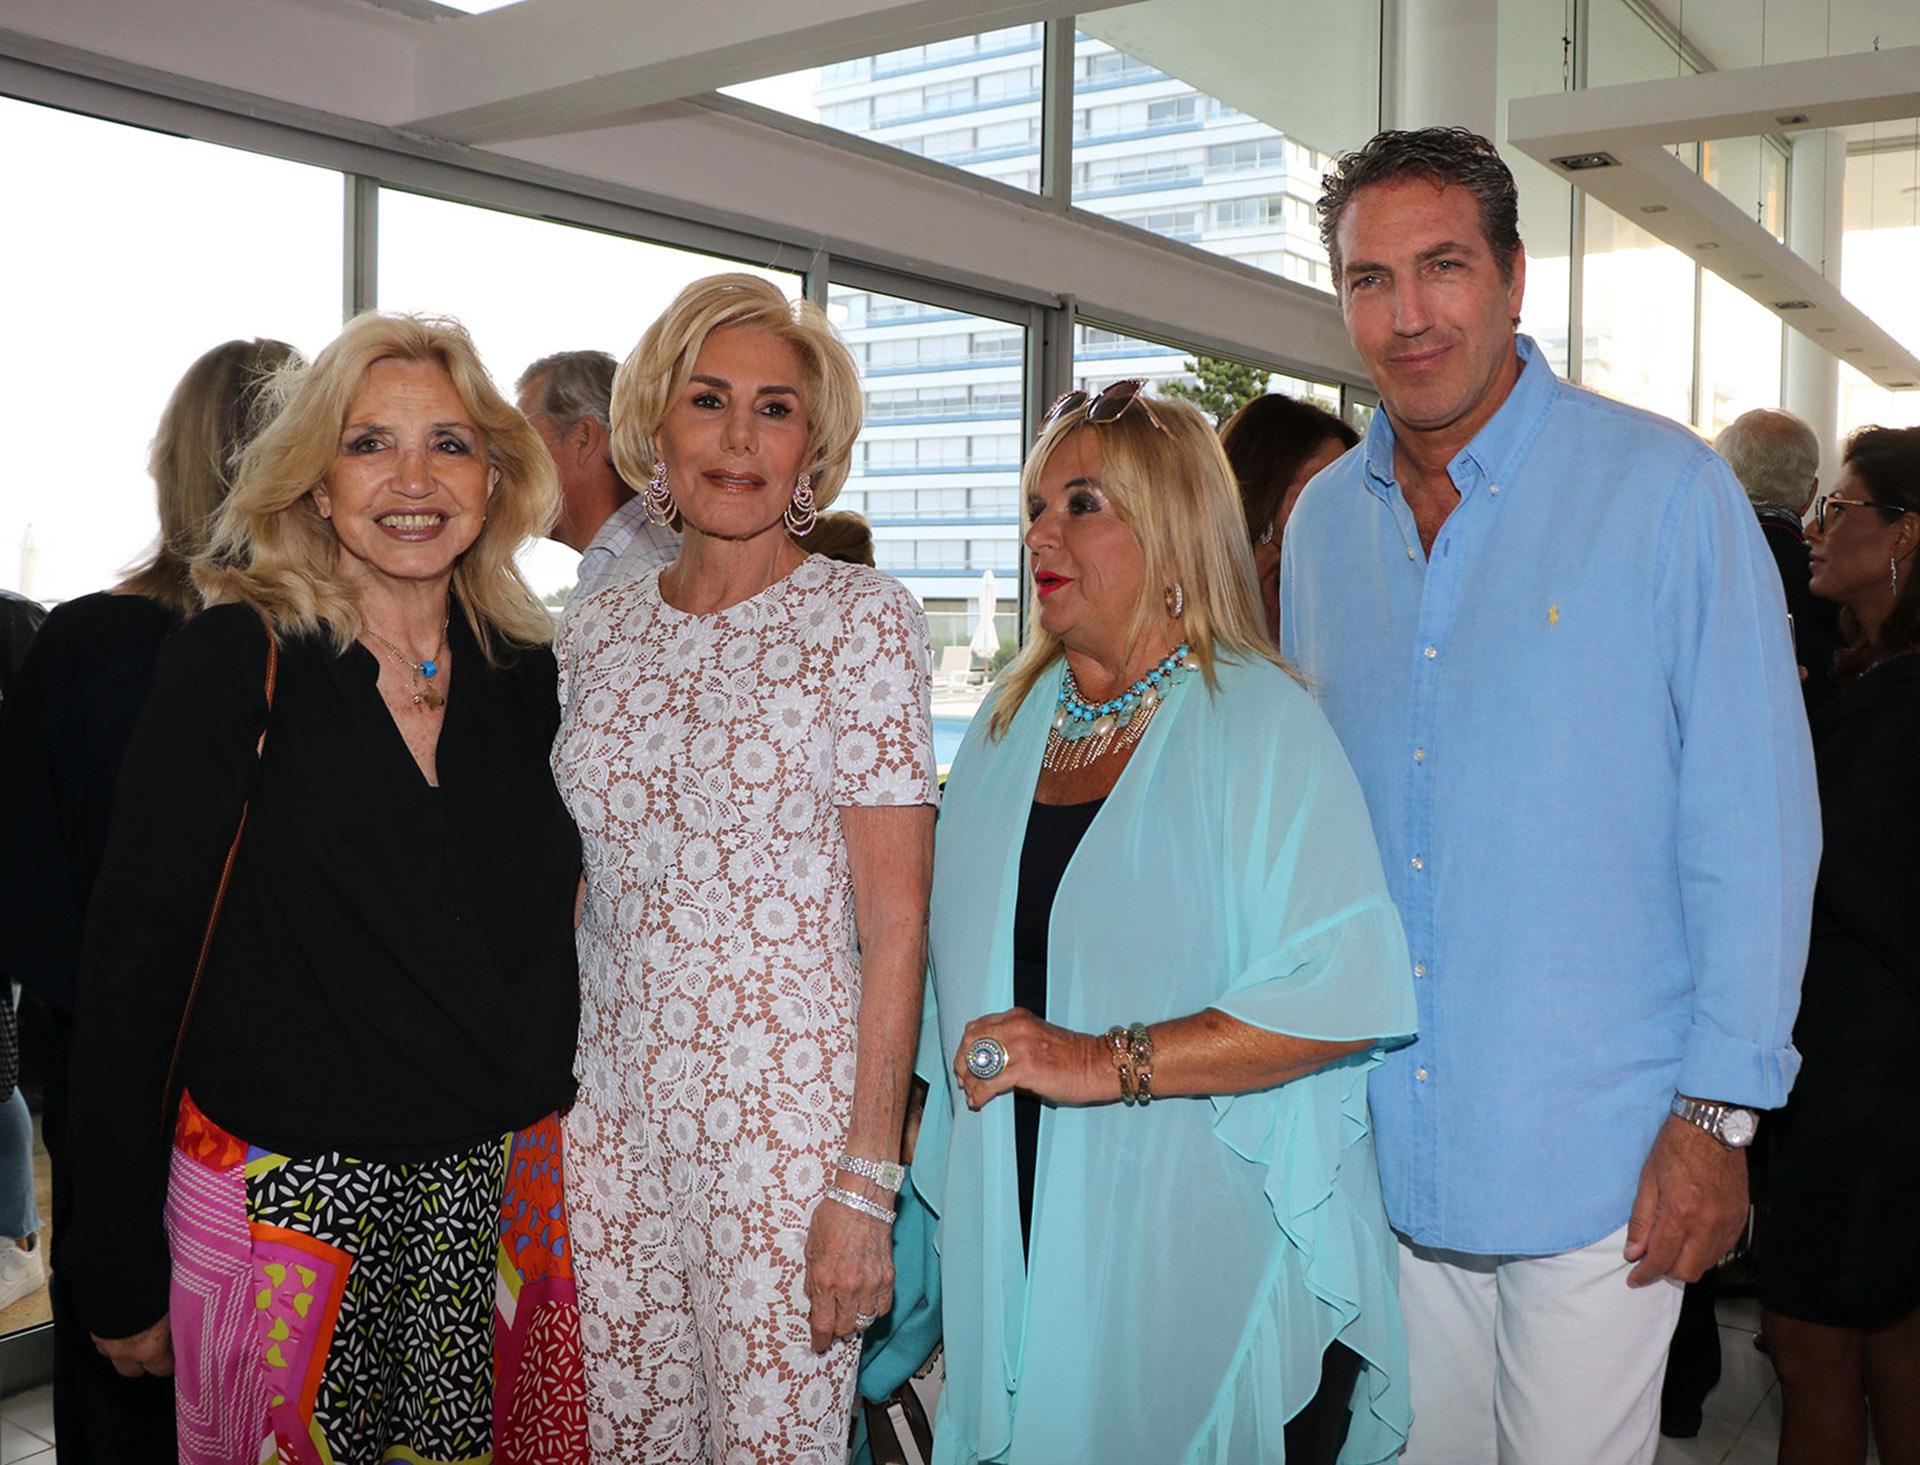 Graciela Rompani Pacheco, ex Primera Dama del Uruguay y viuda del ex presidente uruguayo Jorge Pacheco Areco; Ada de Maurier, Silvia Klemensiewicz y Andrés Szabo